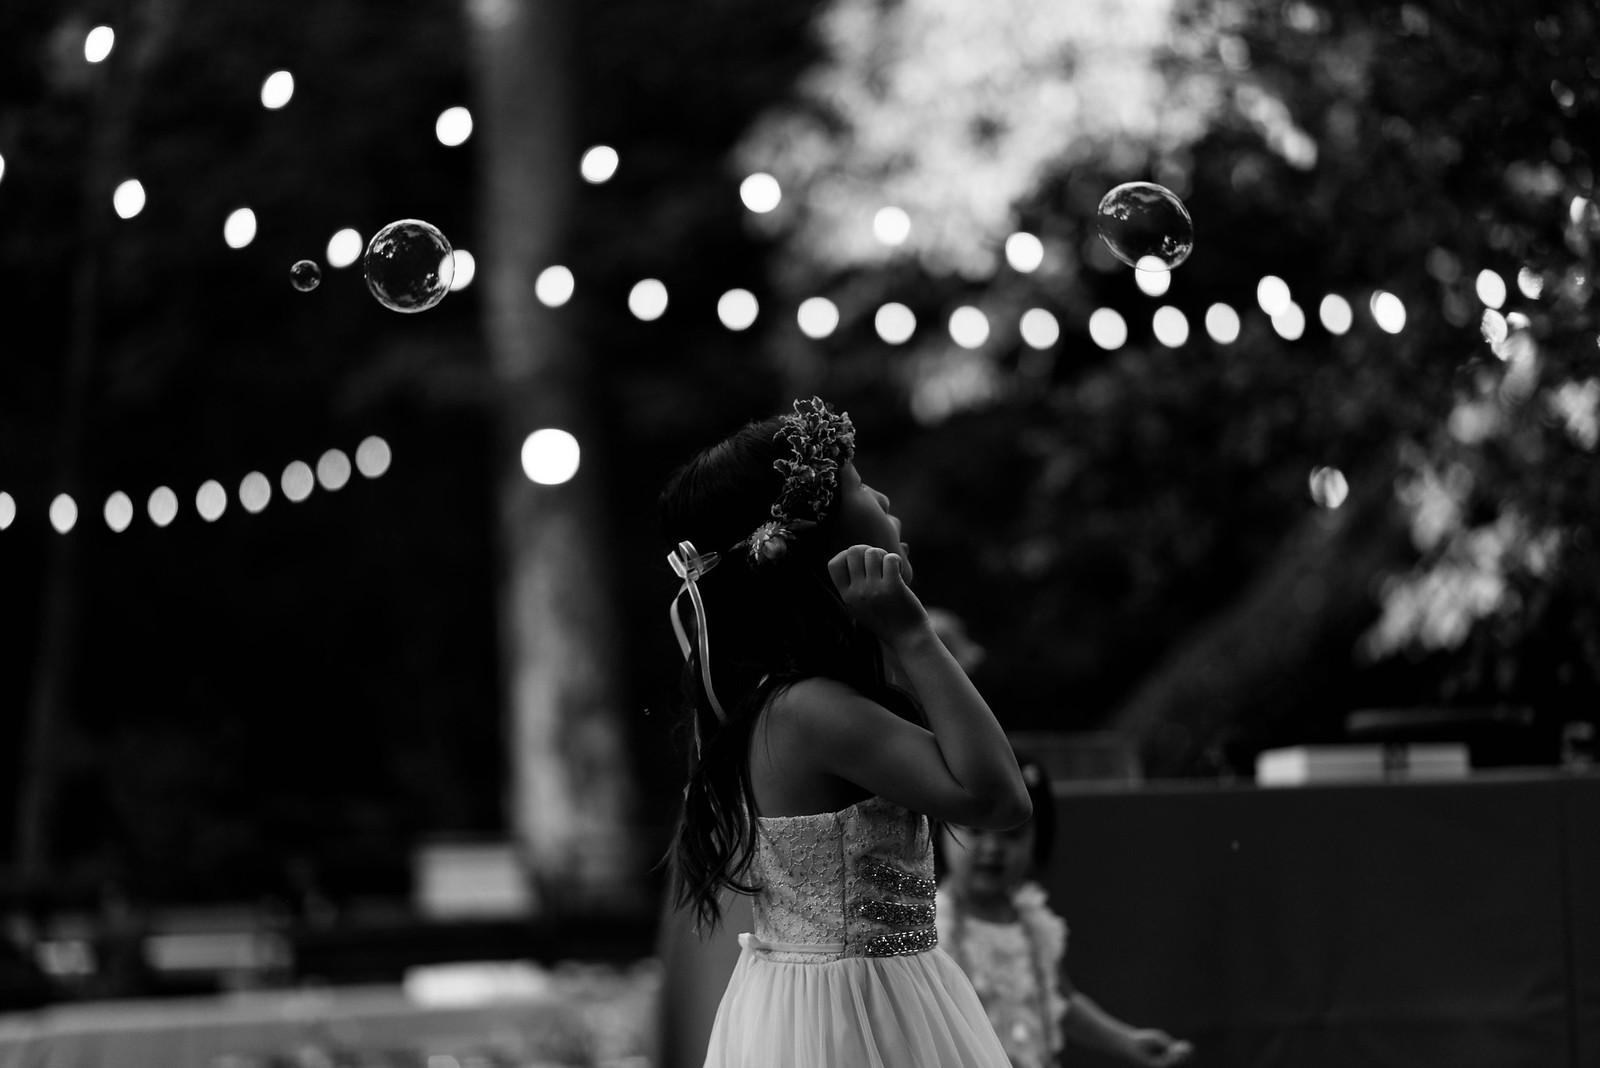 Flower Girl Black and White Magic Candid on juliettelaura.com